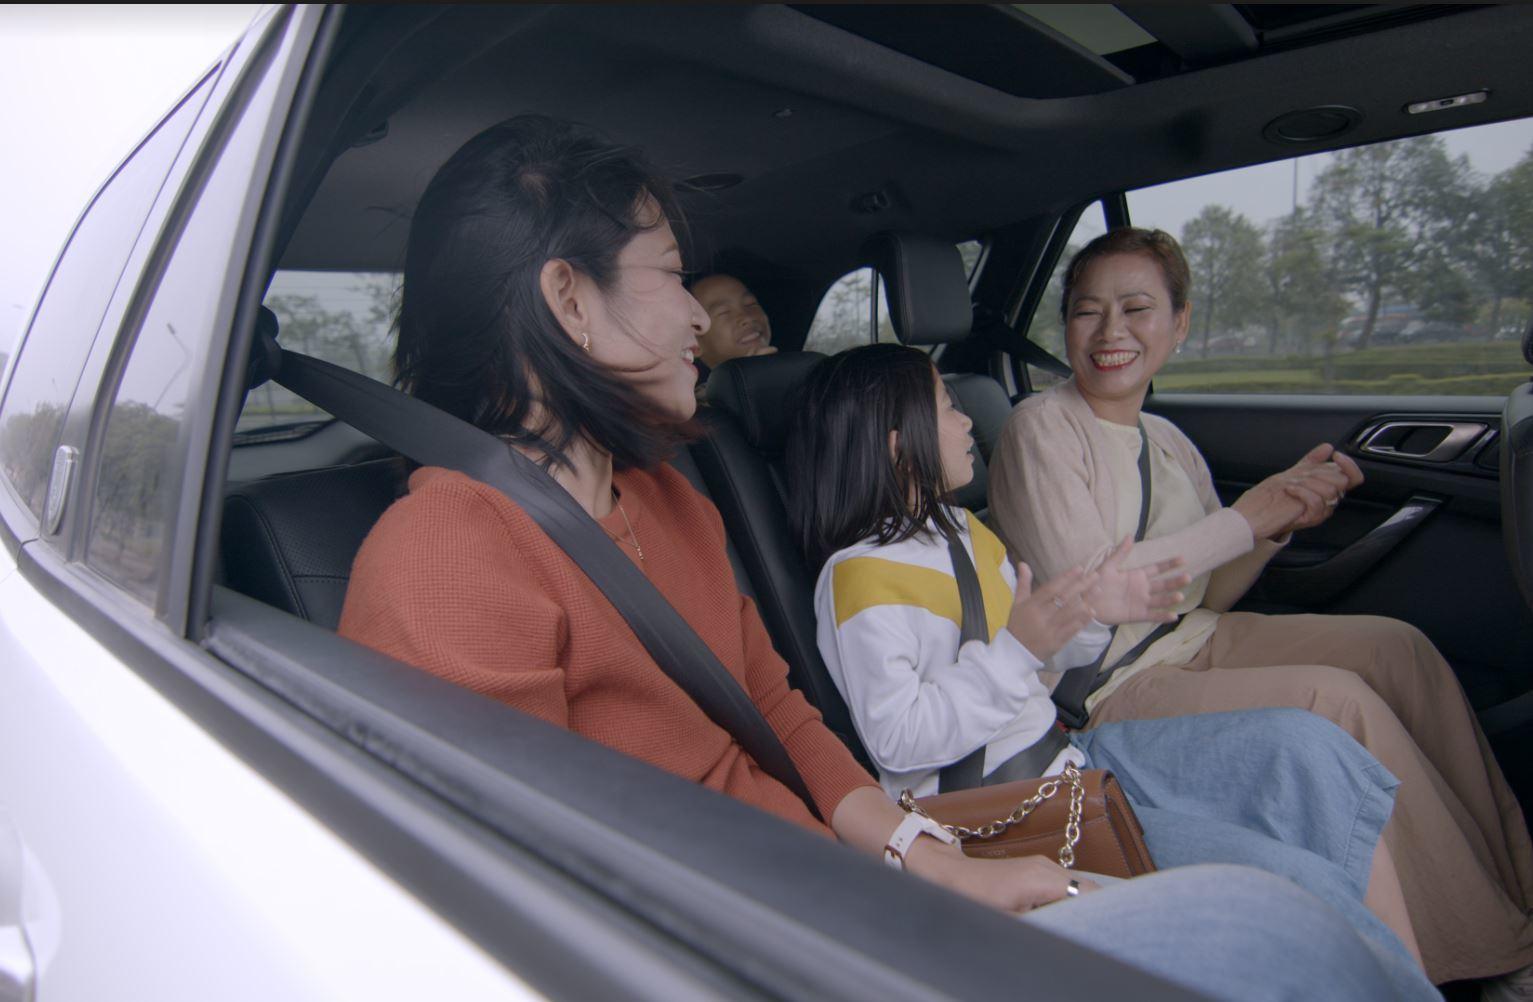 Lời khuyên hữu ích để lái xe an toàn trong dịp nghỉ lễ